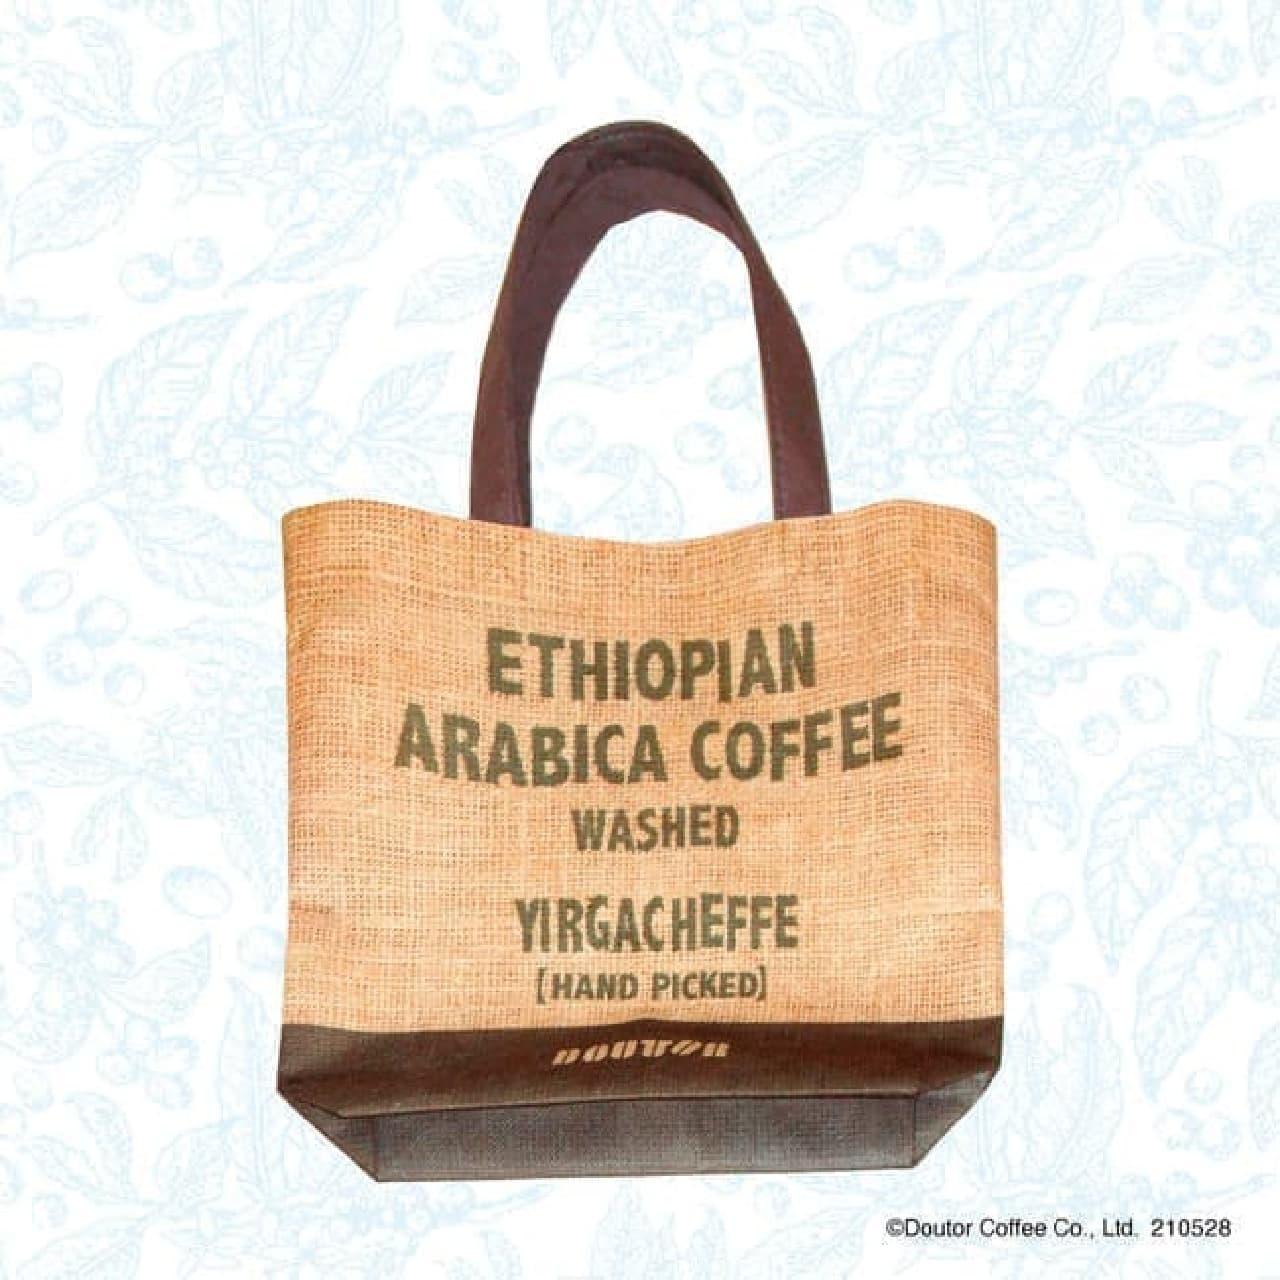 ドトールコーヒーオリジナル麻袋風デザインバッグ